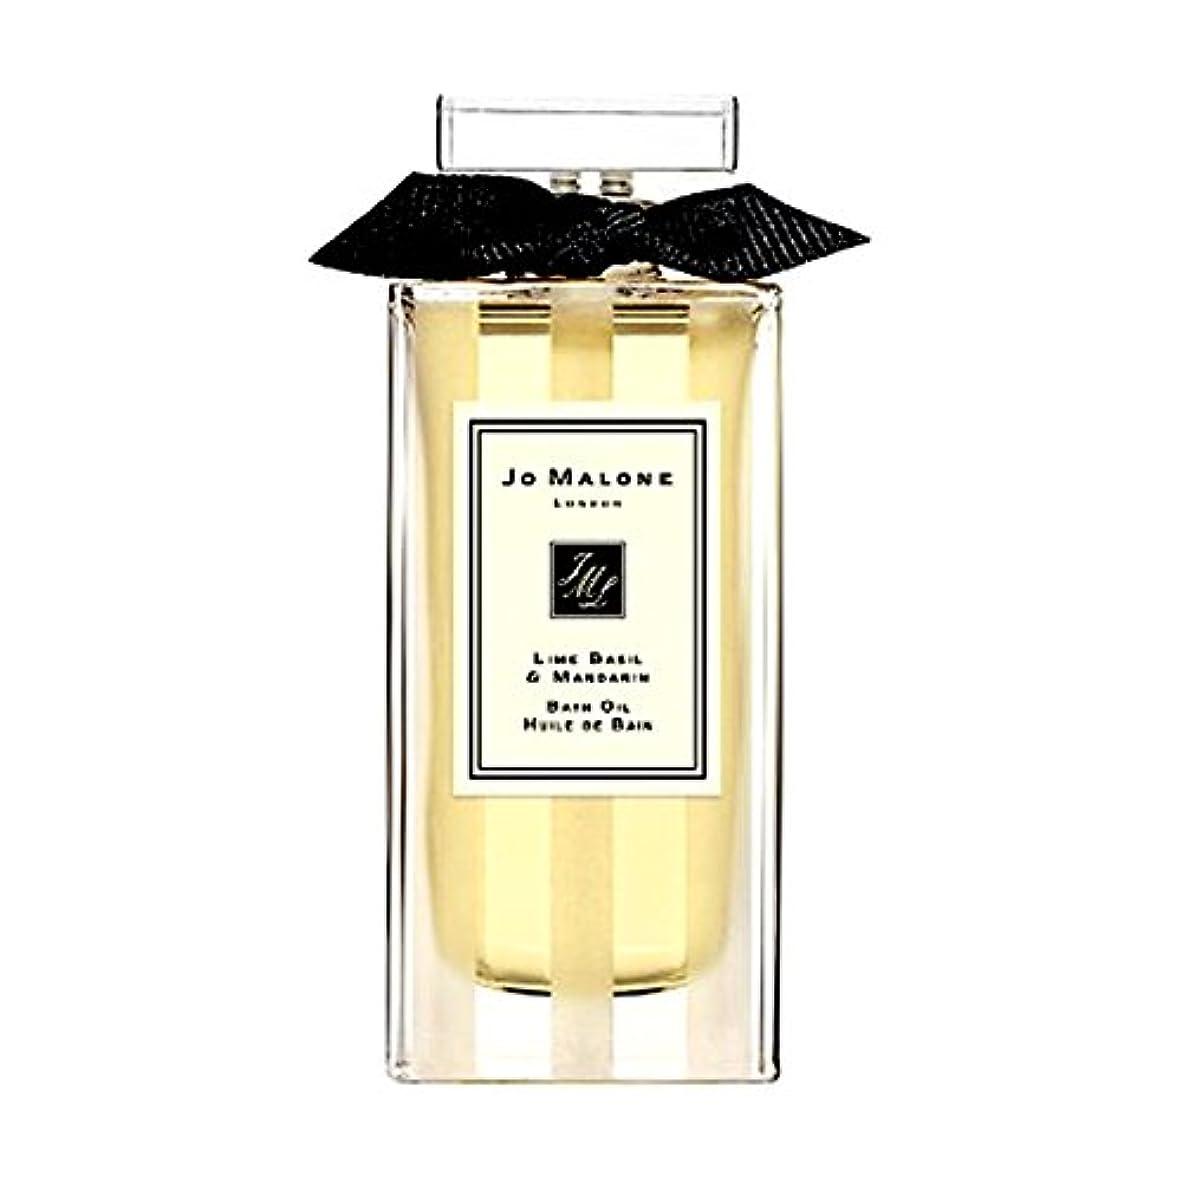 シャンパンロマンス鹿Jo Maloneジョーマローン, バスオイル -ライムバジル&マンダリン (30ml),' Lime Basil & Mandarin' Bath Oil (1oz) [海外直送品] [並行輸入品]